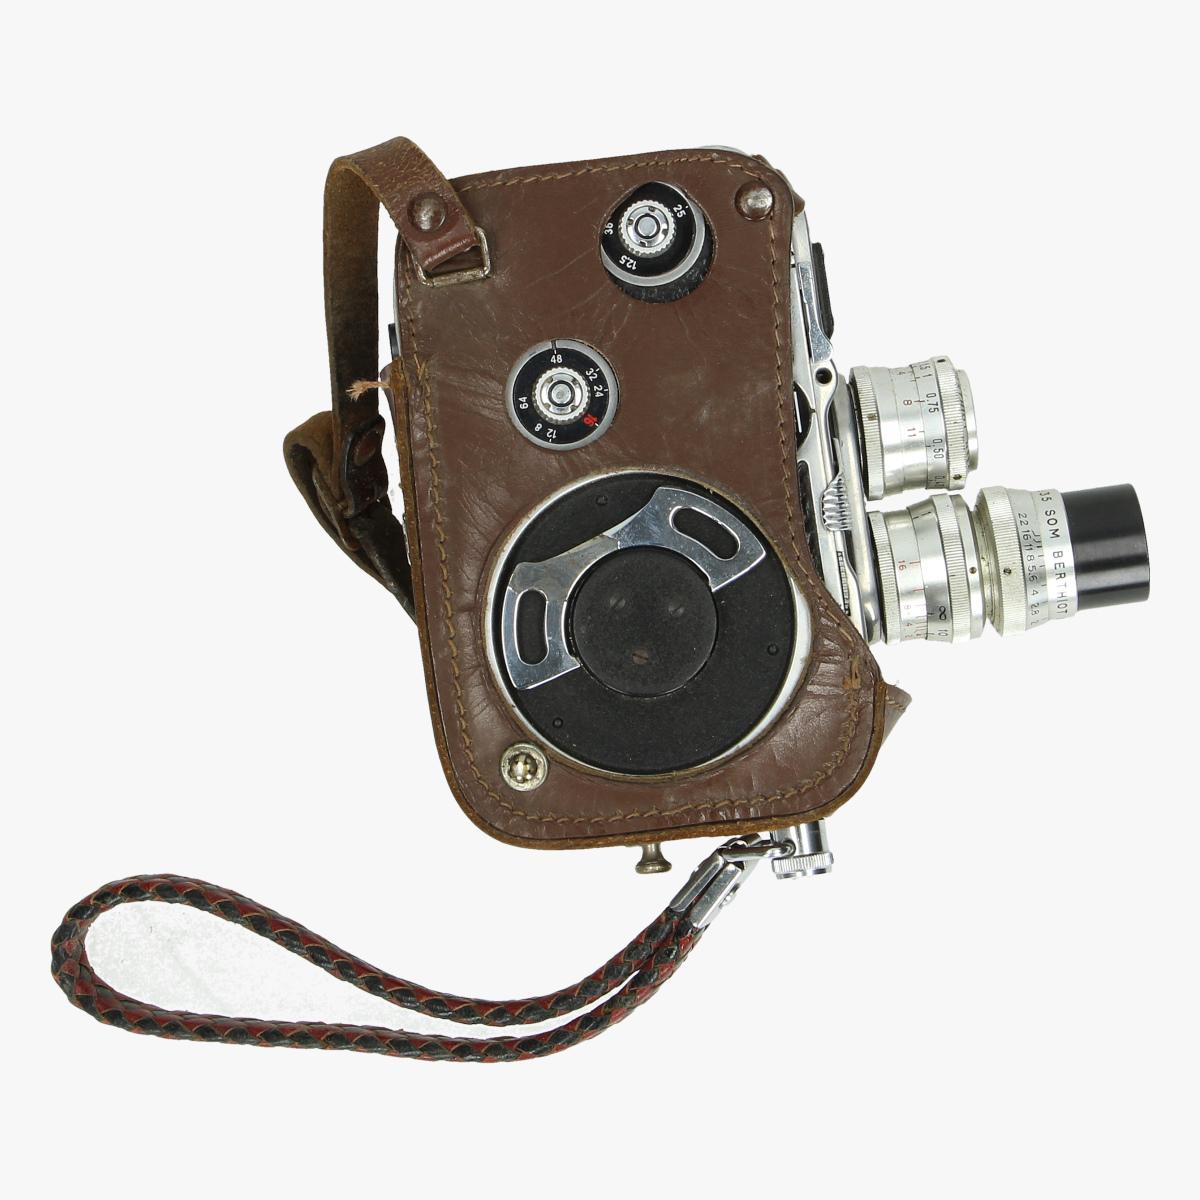 Afbeeldingen van videocamera PALLARD BOLEX MET POCHE